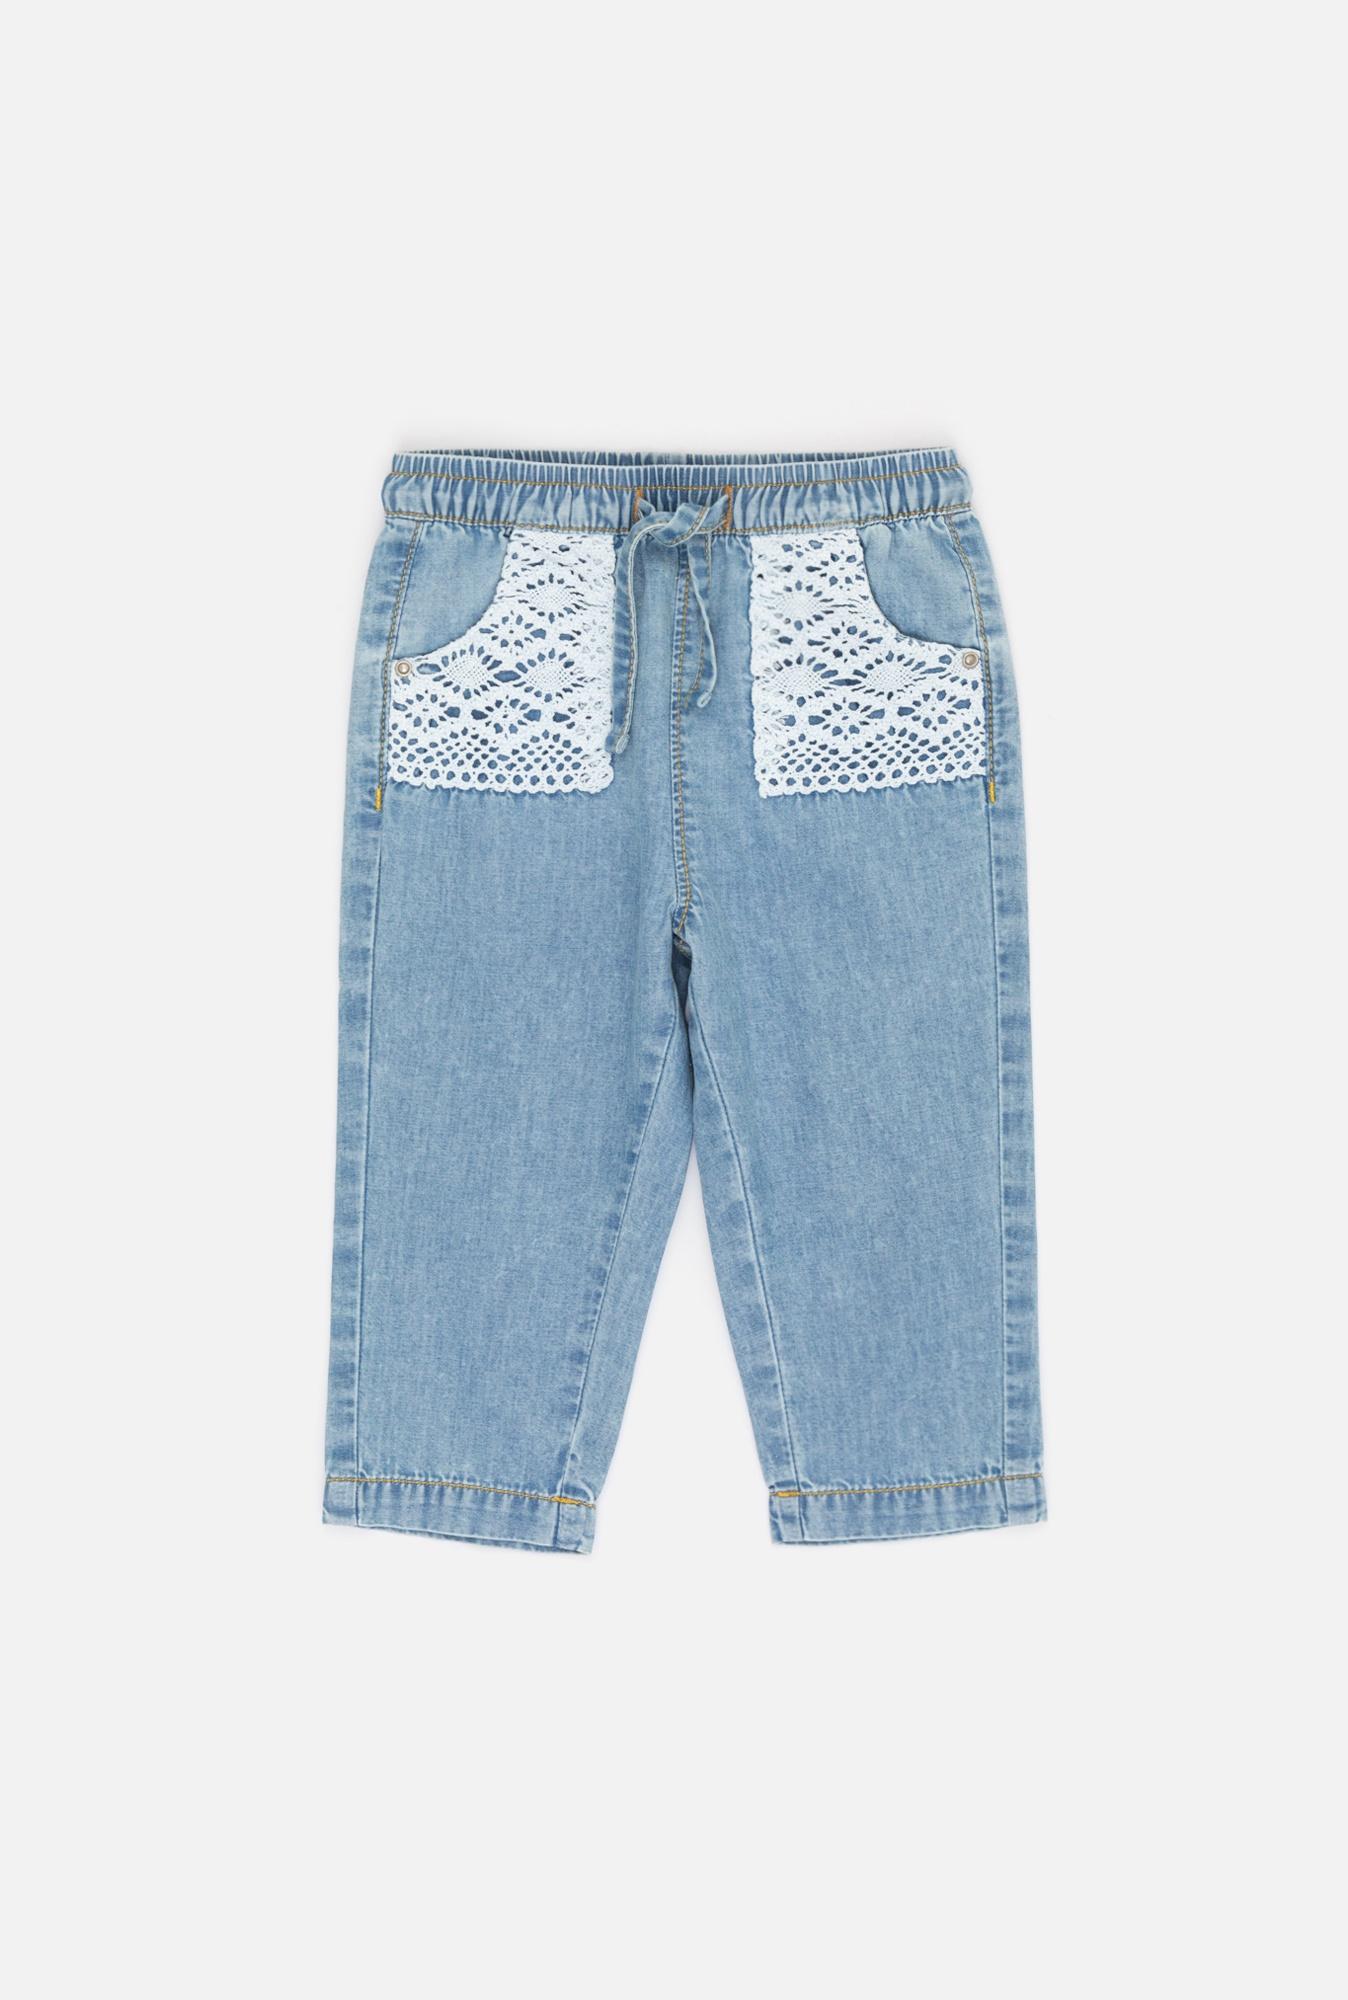 Джинсы Acoola джинсы детские oldos алекс цвет голубой 6o8jn04 2 размер 128 8 лет